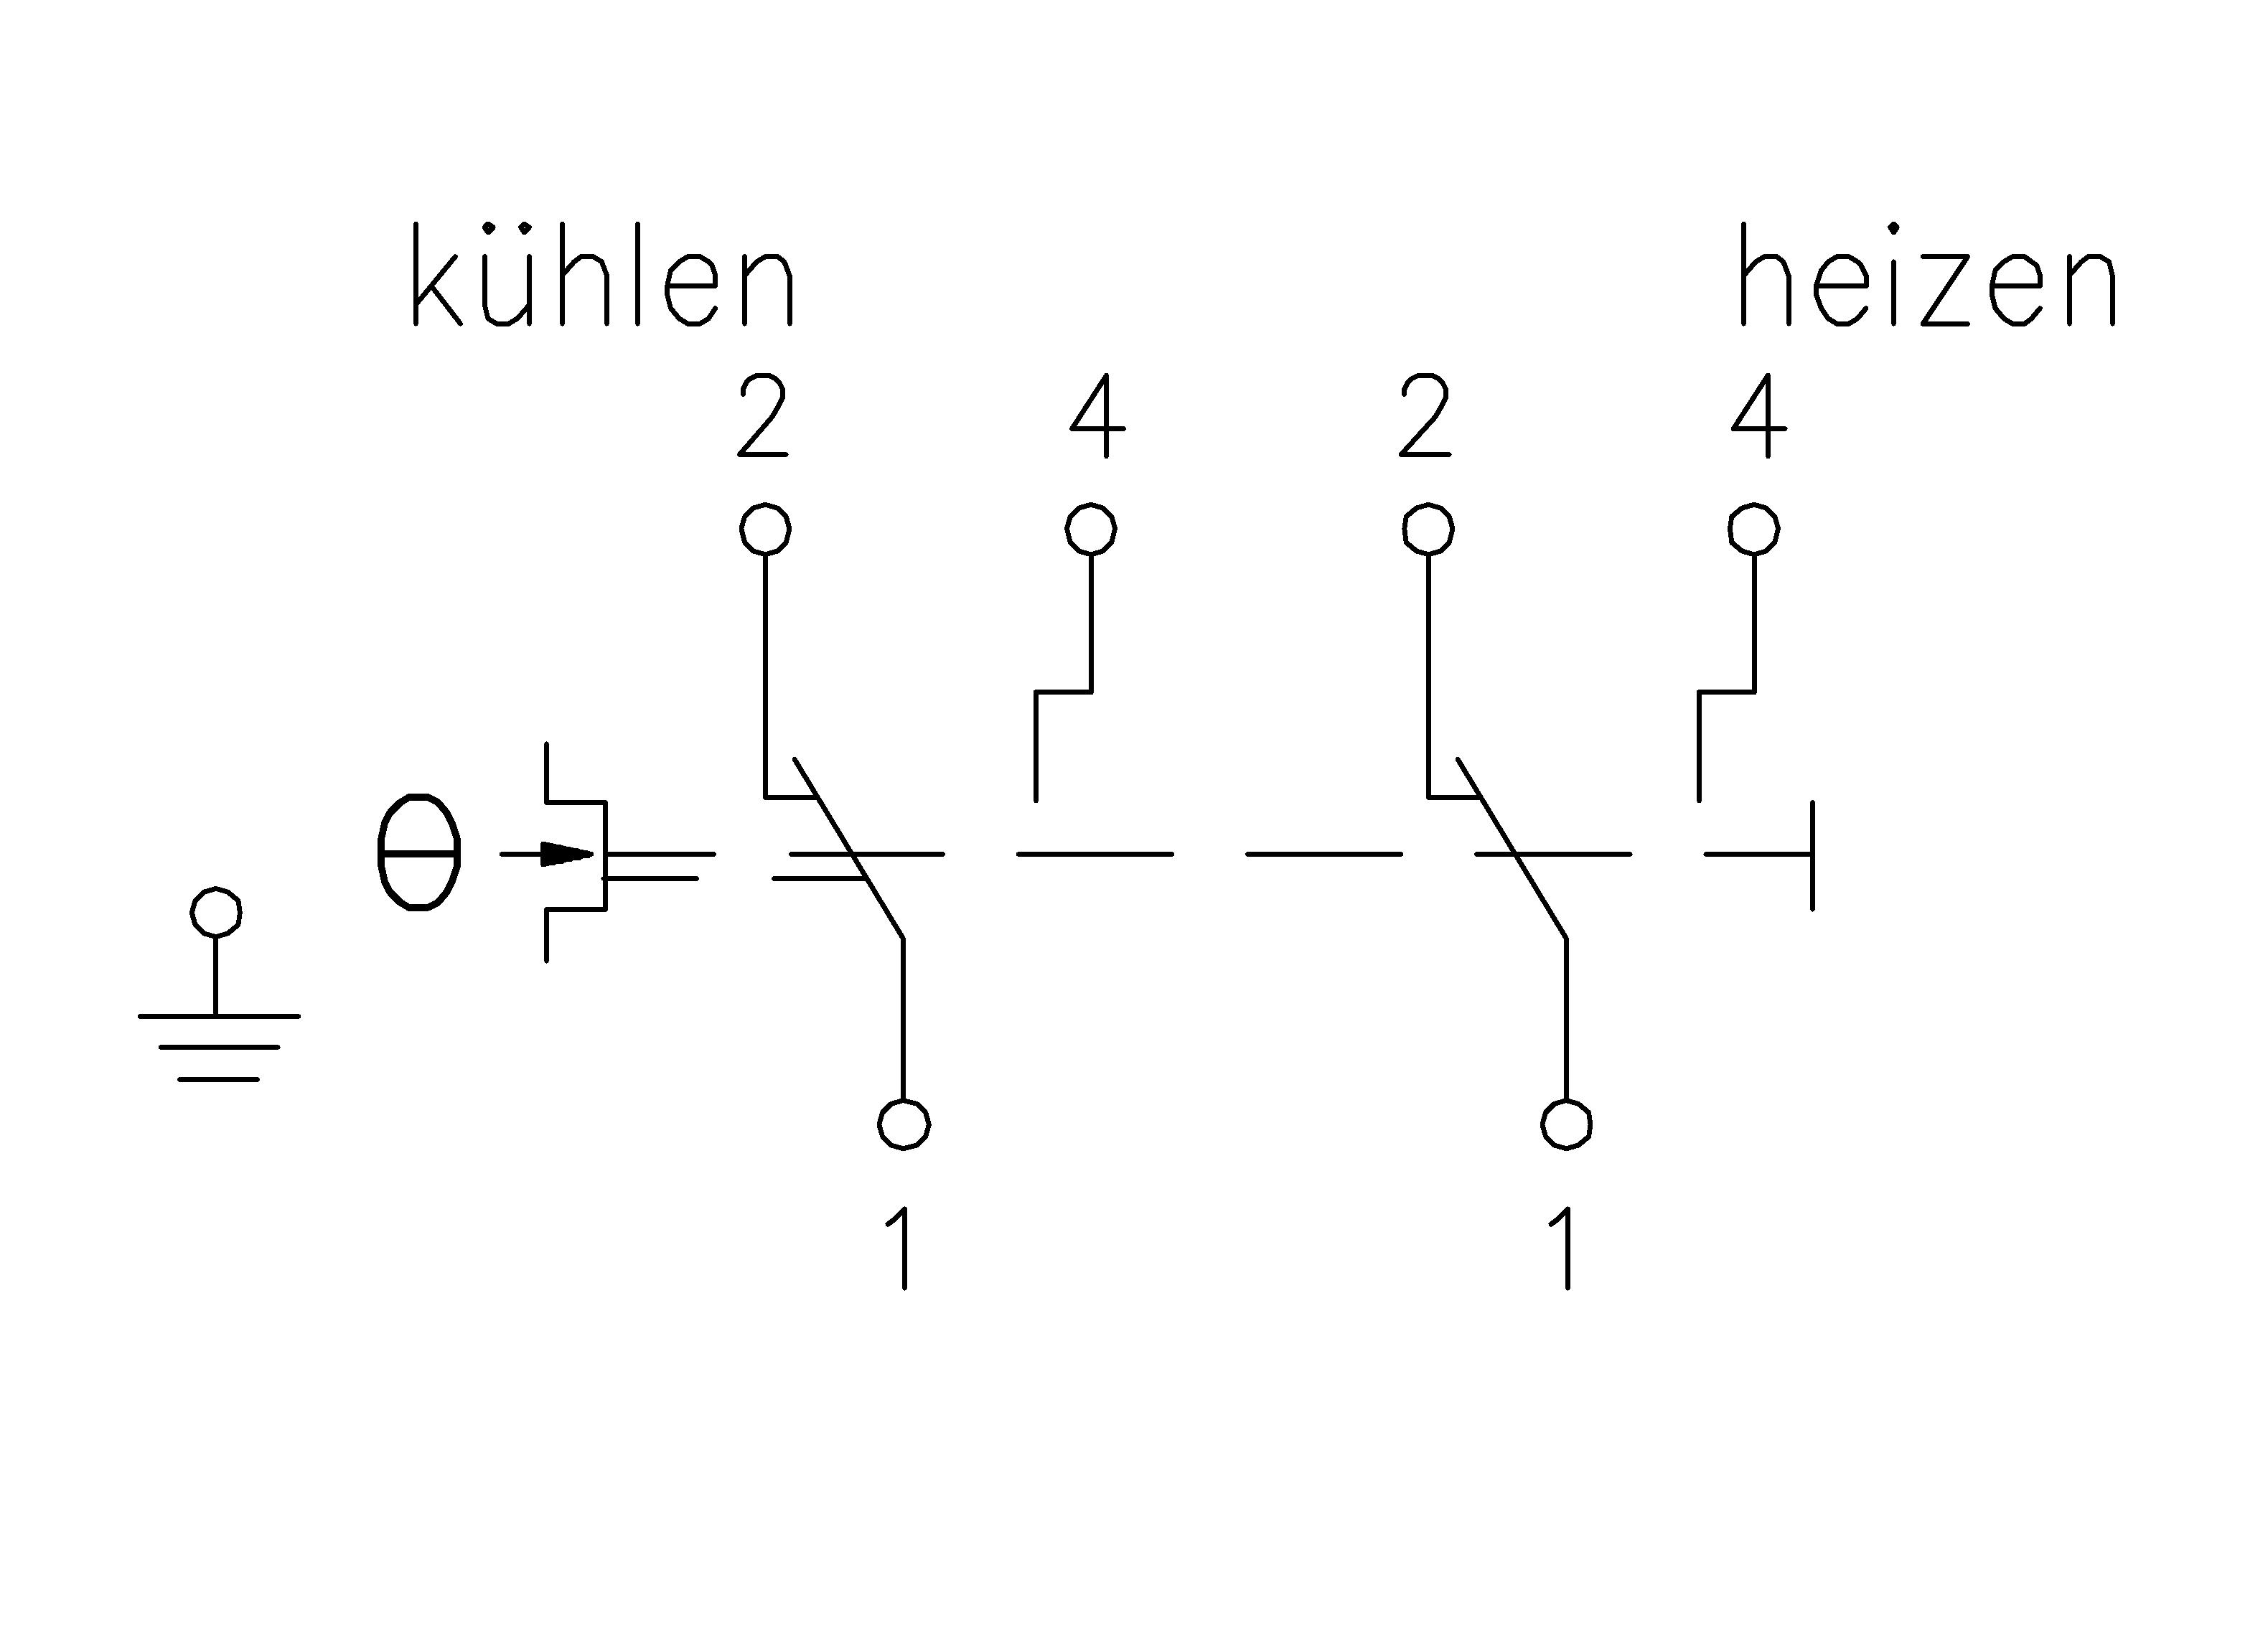 E6090331 Circuit diagram